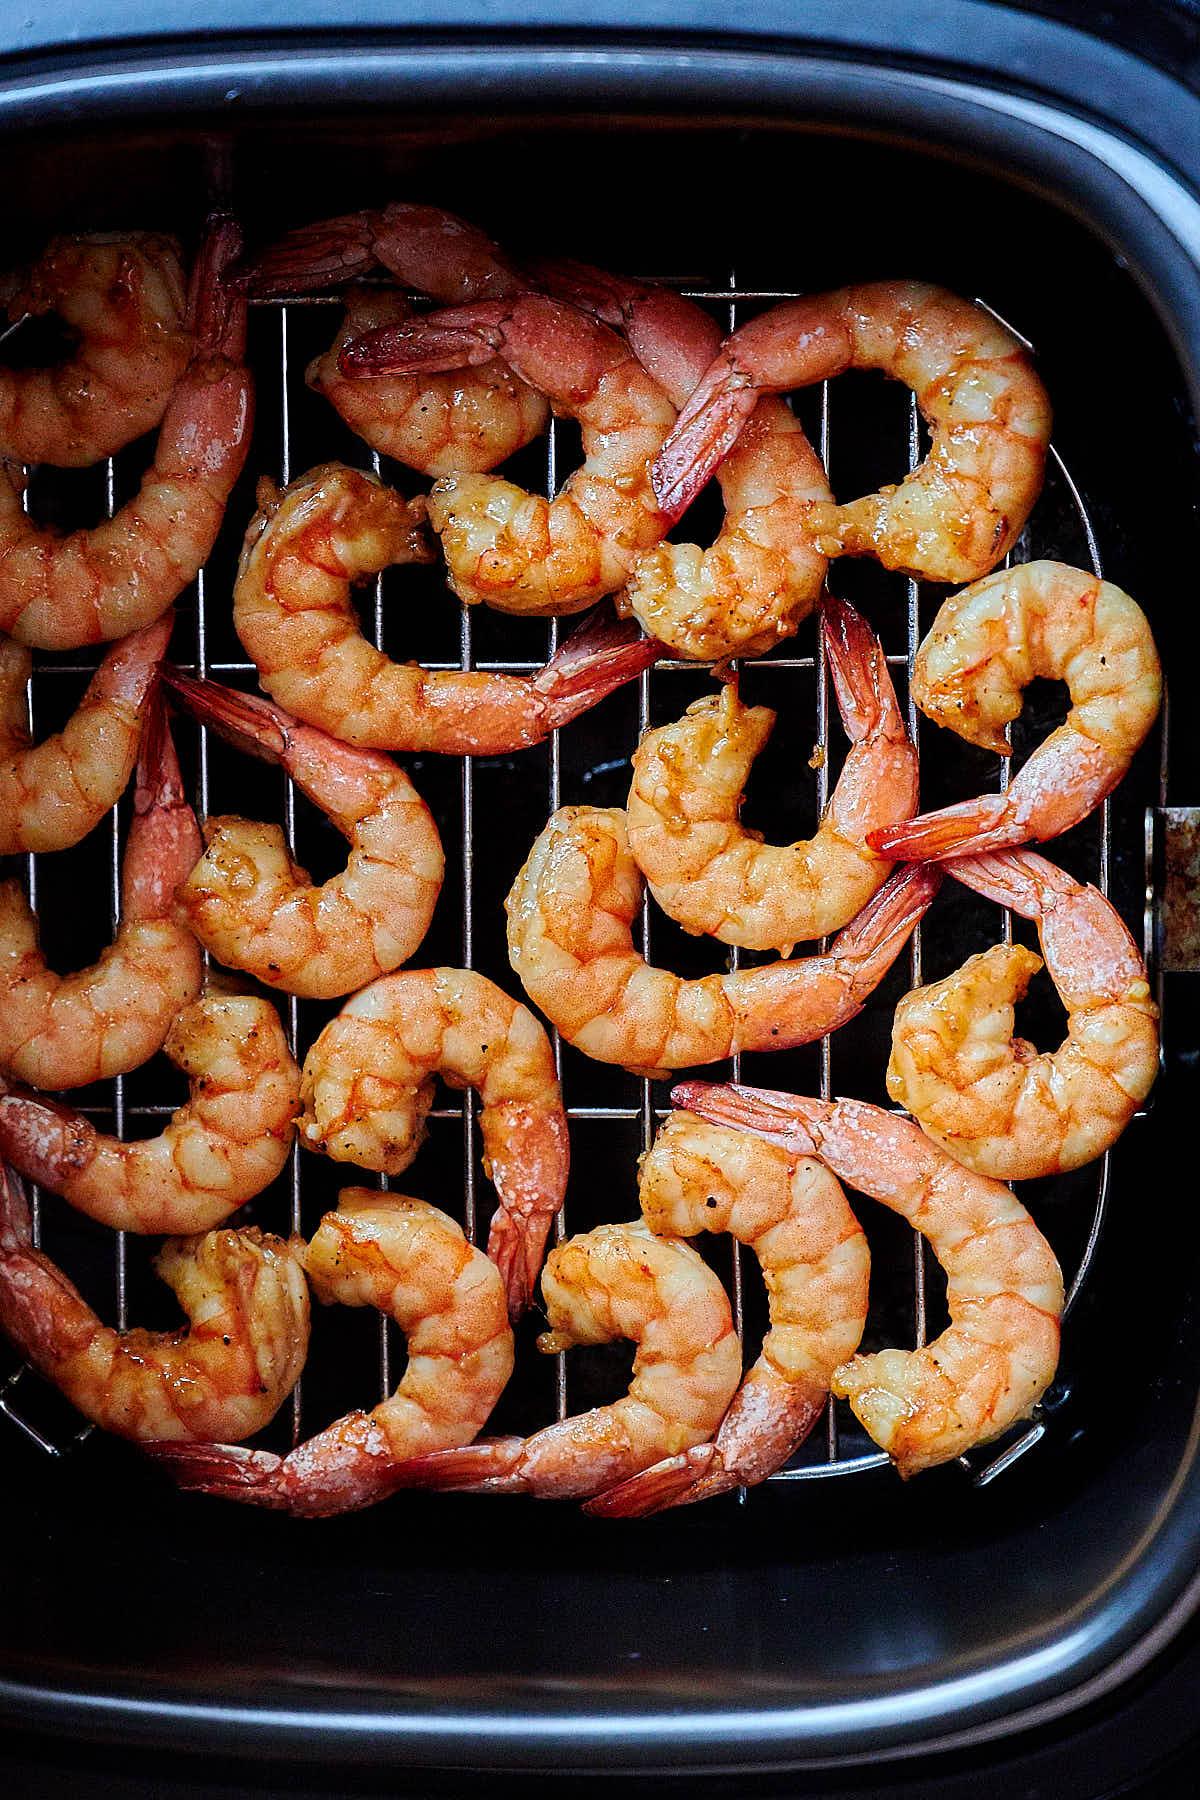 Shrimp cooking inside an air fryer.